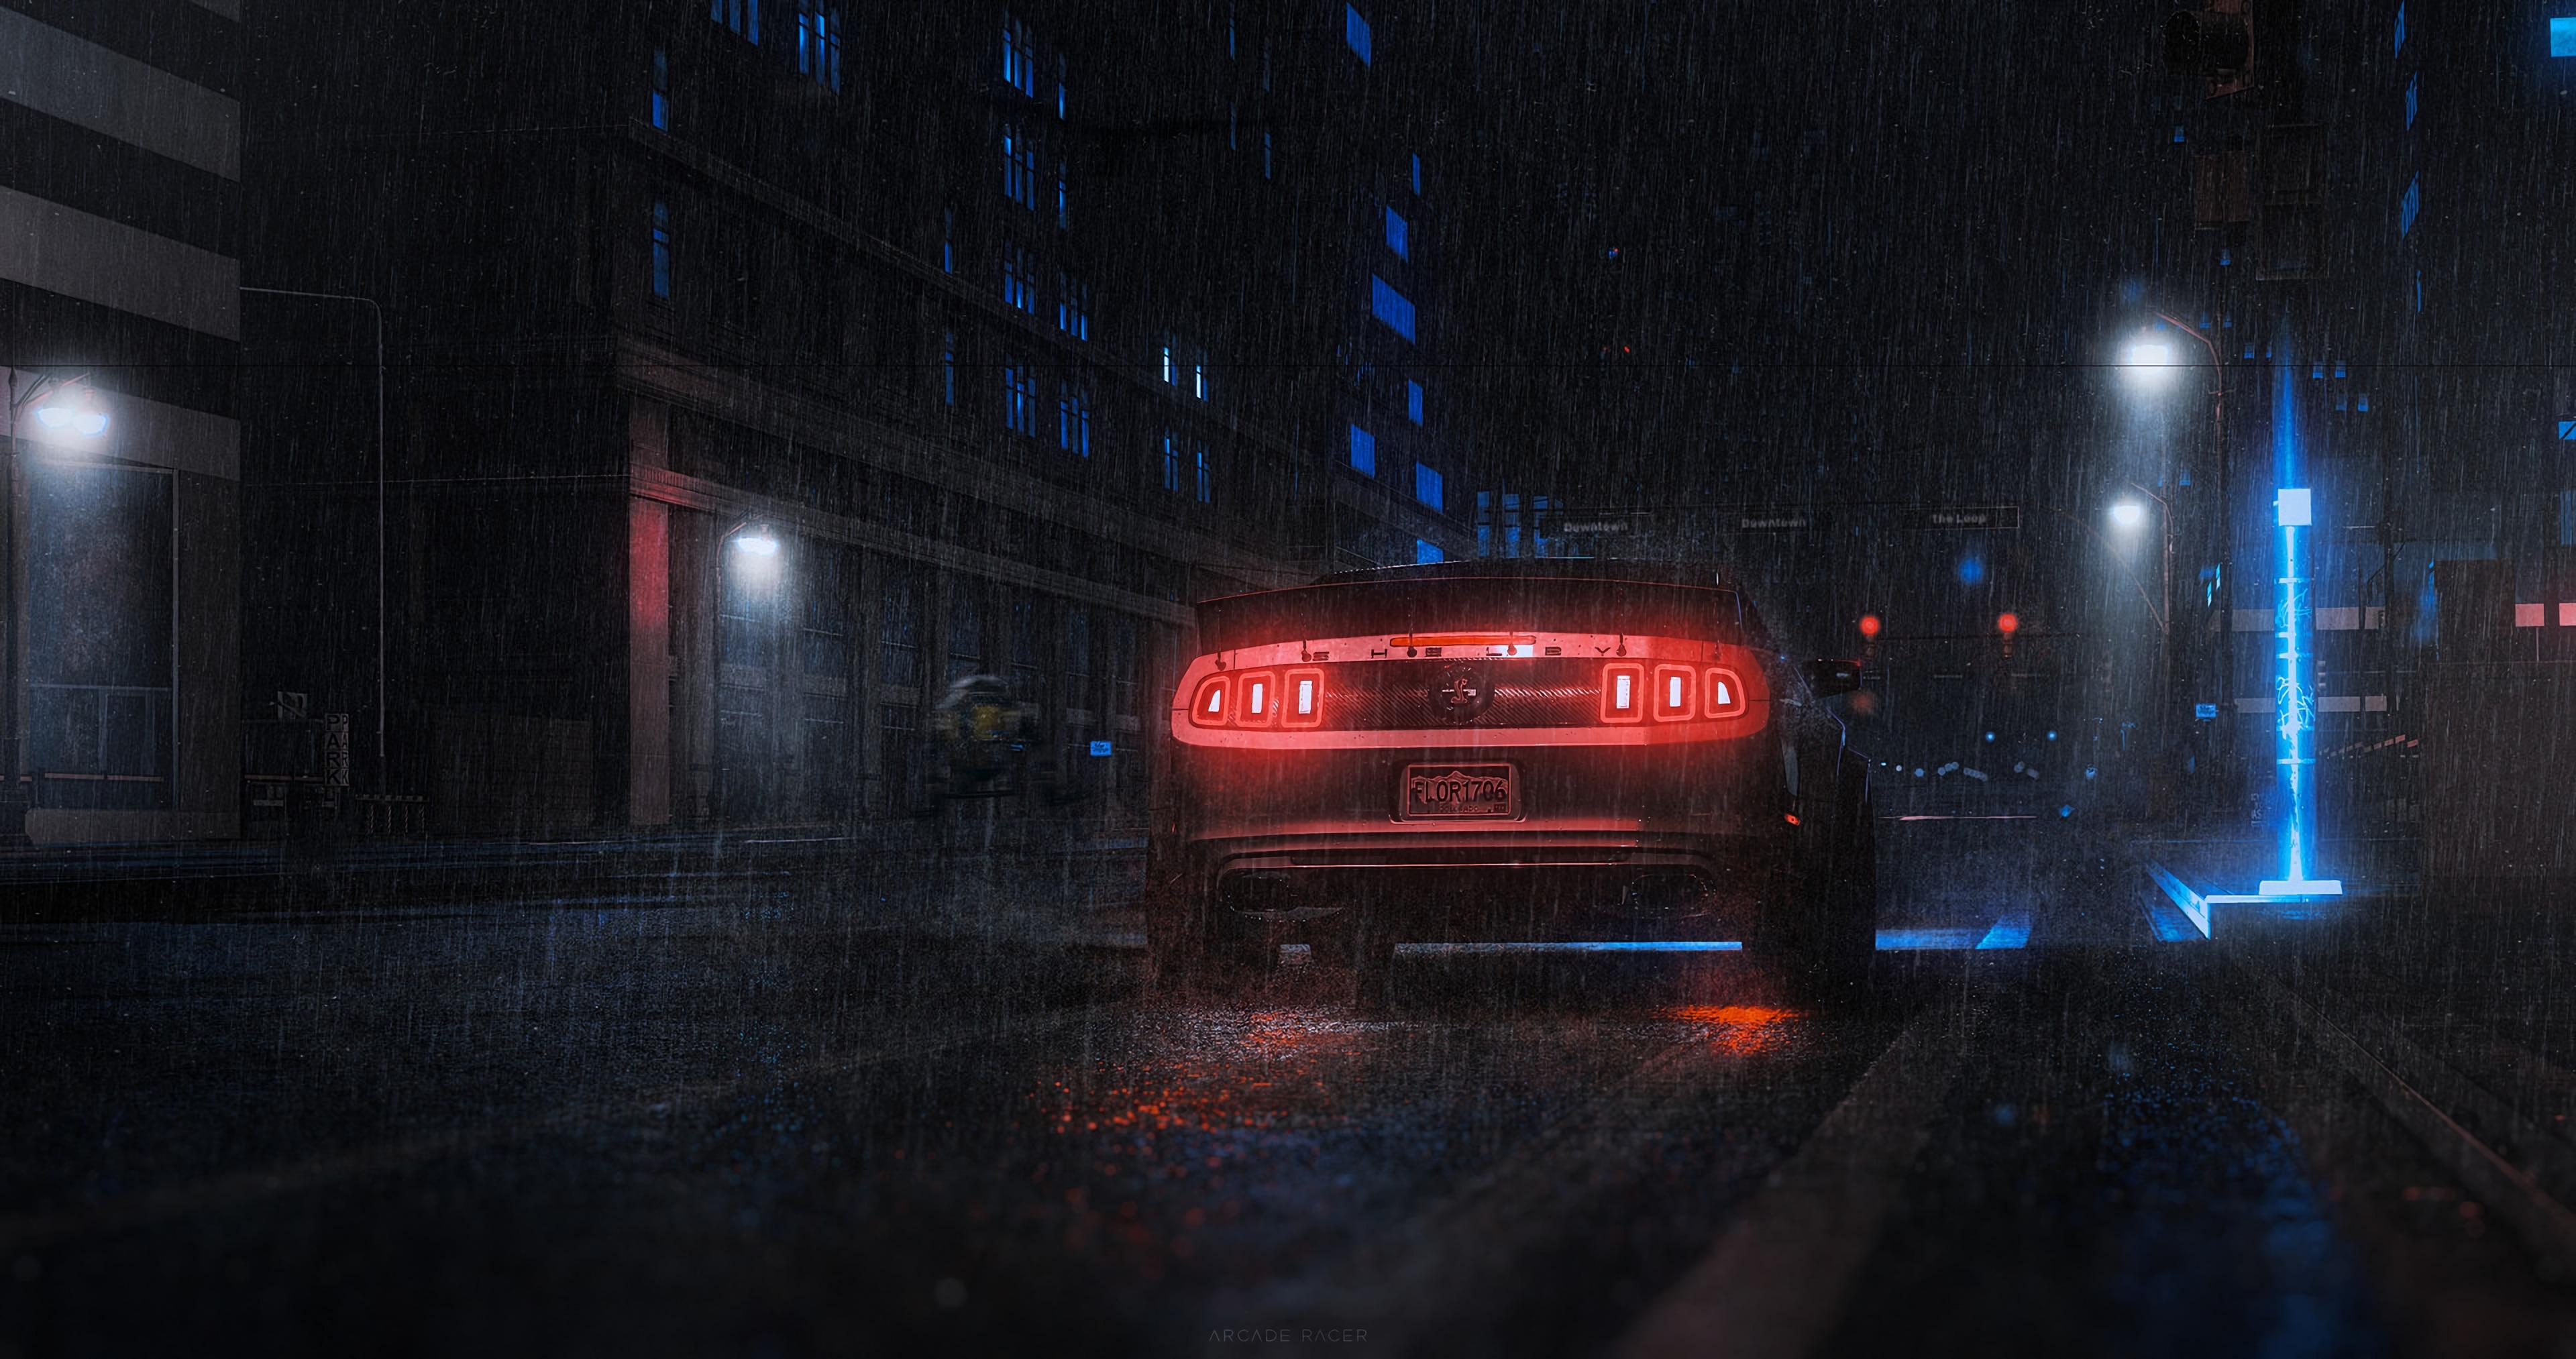 56040 Заставки и Обои Тачки (Cars) на телефон. Скачать Тачки (Cars), Дождь, Автомобиль, Неон, Спорткар, Вид Сзади картинки бесплатно